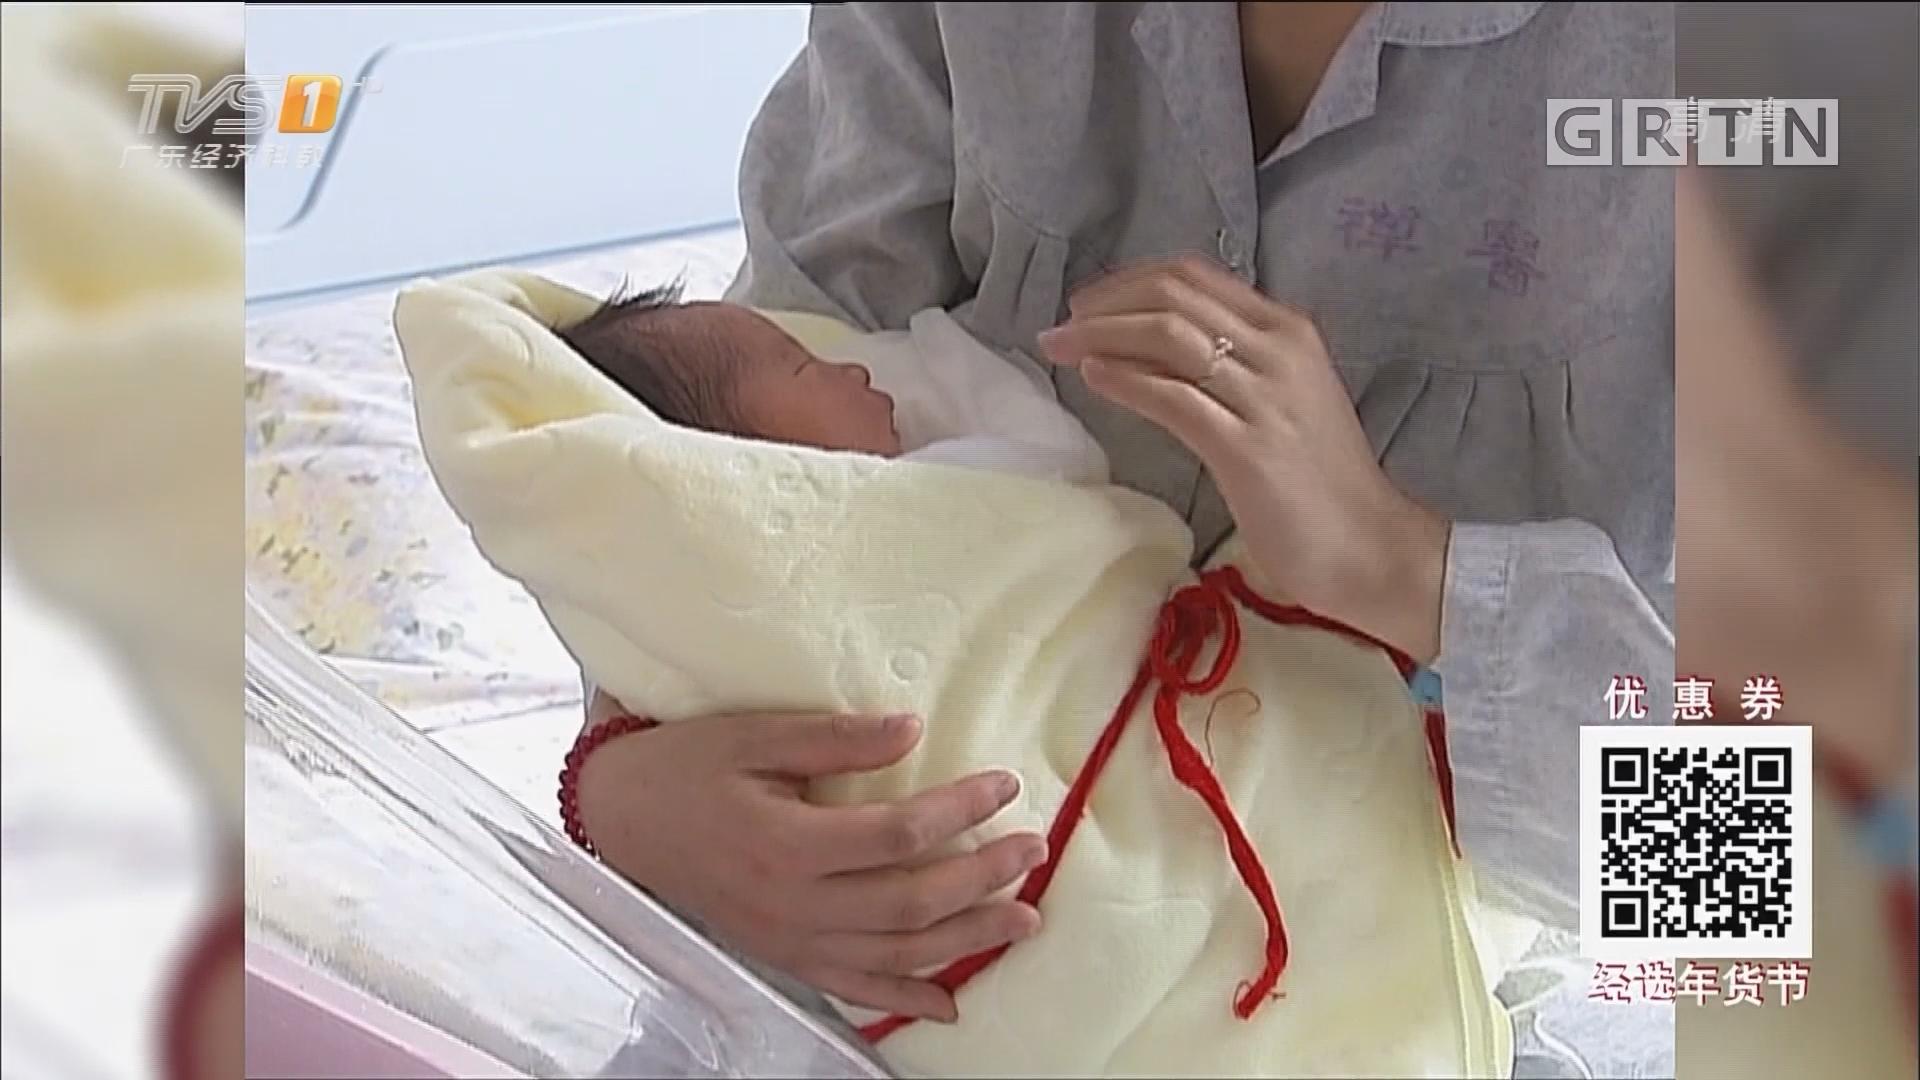 产科医生:二胎急产几率高 平时需定时检查